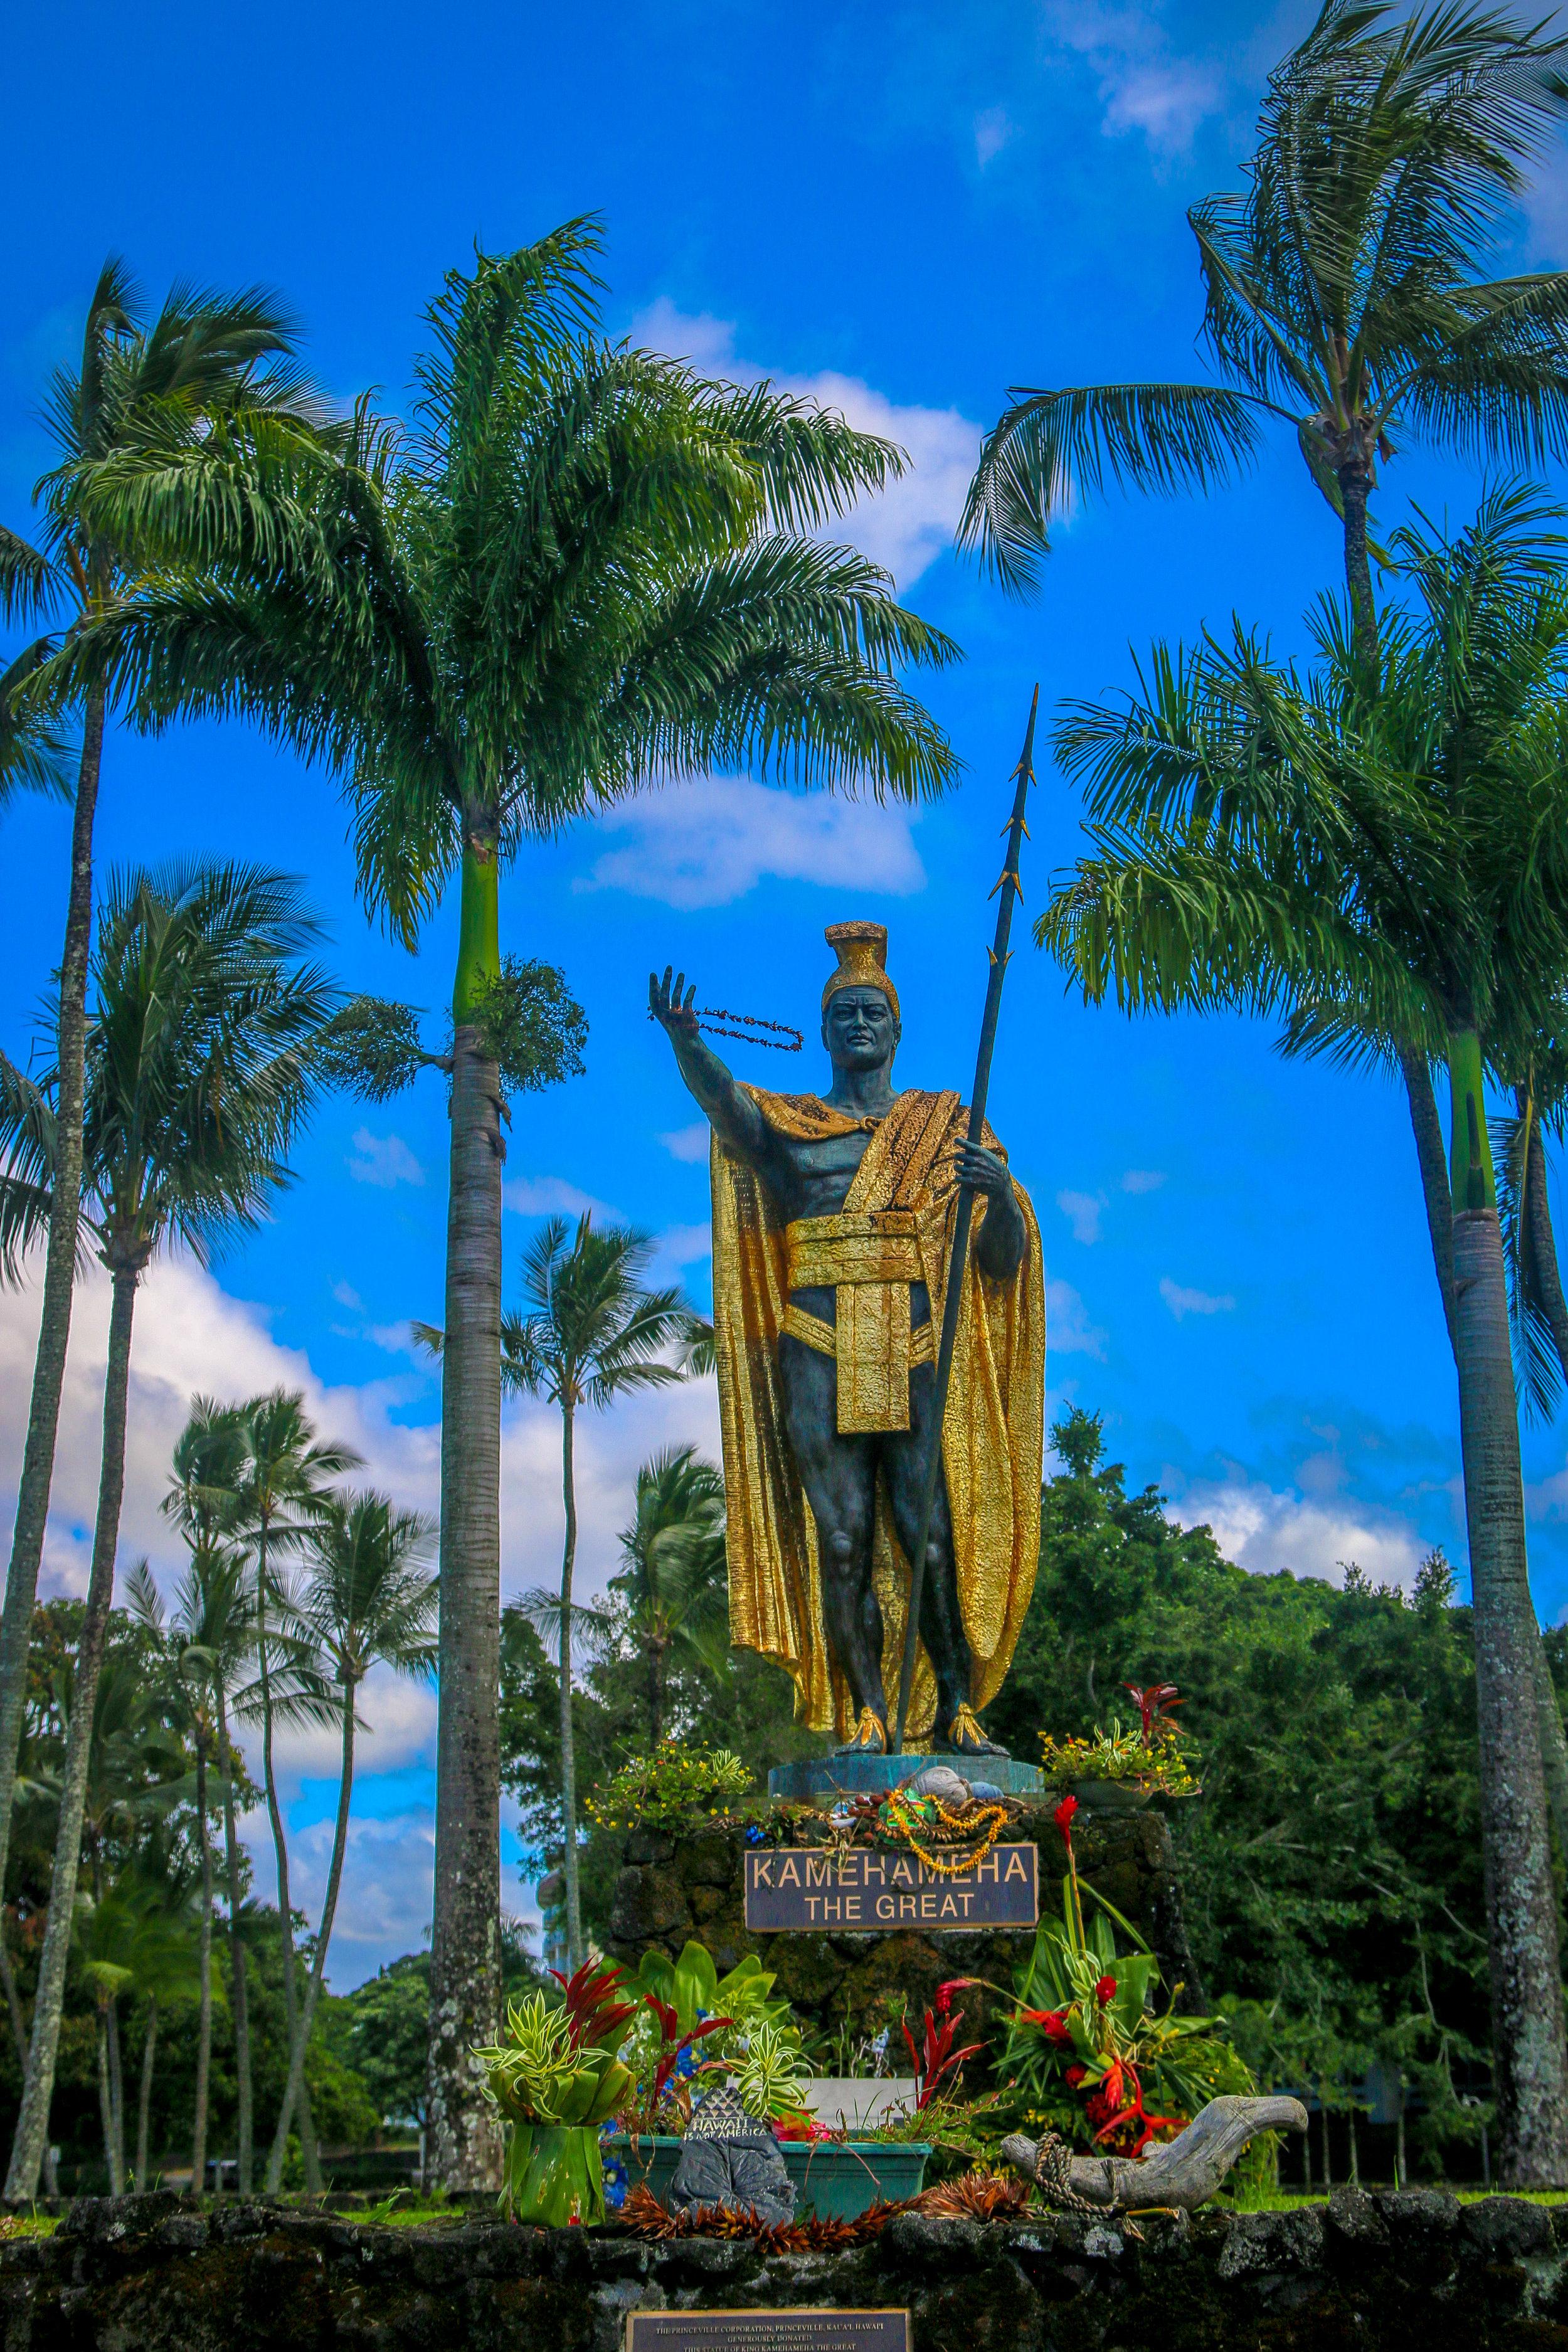 Hawaii HI Big Island Photos Photography Kamehameha Statue